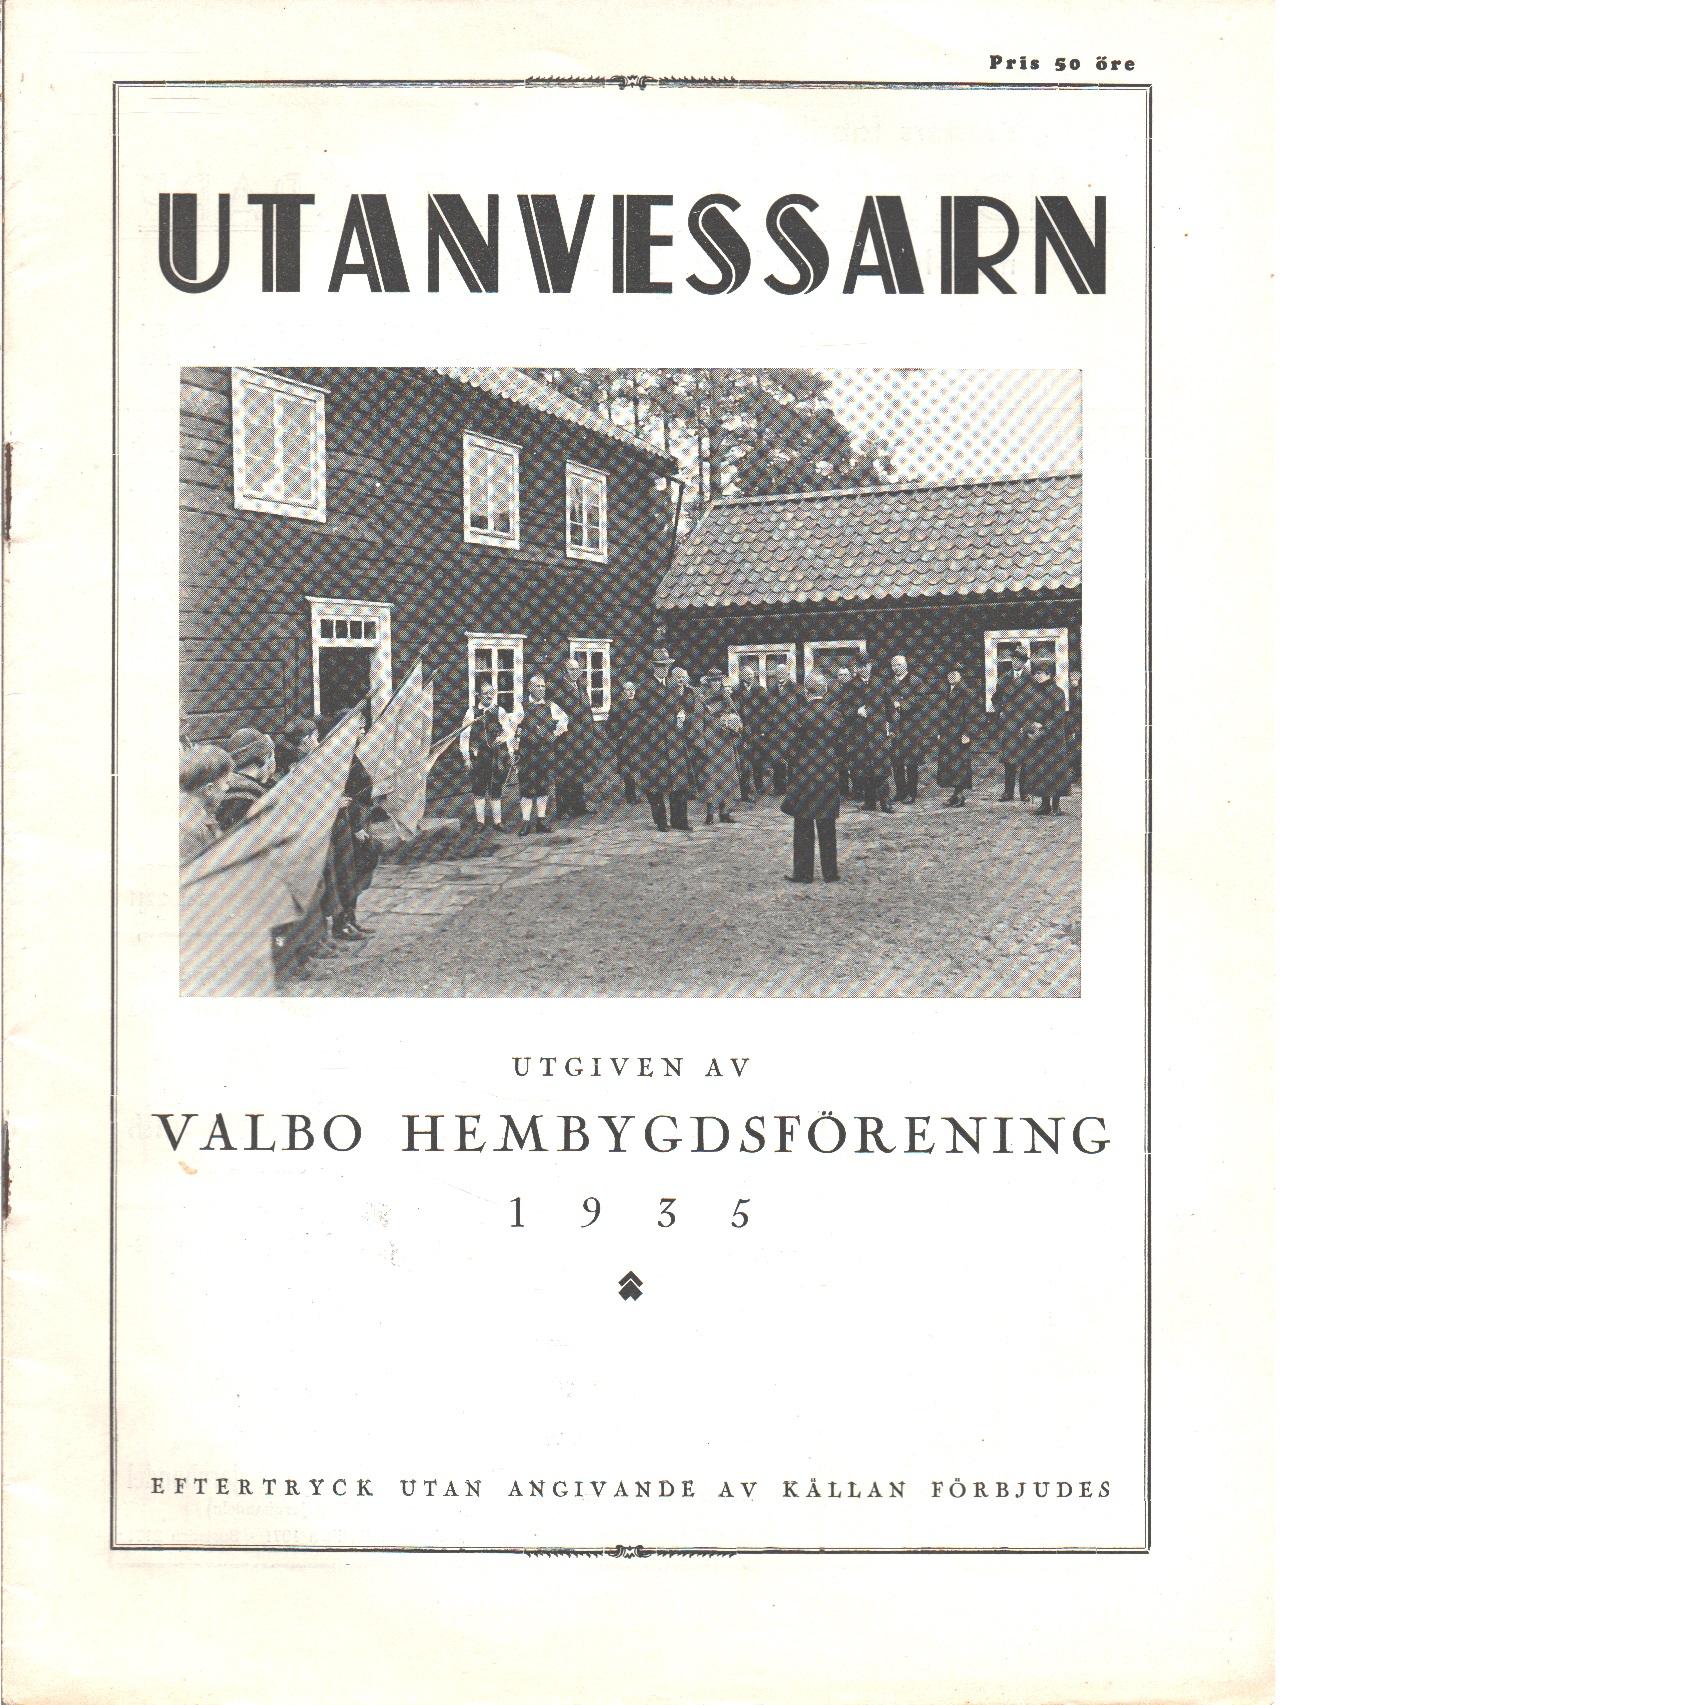 Utanvessarn  1935 - Red. Valbo hembygdsförening